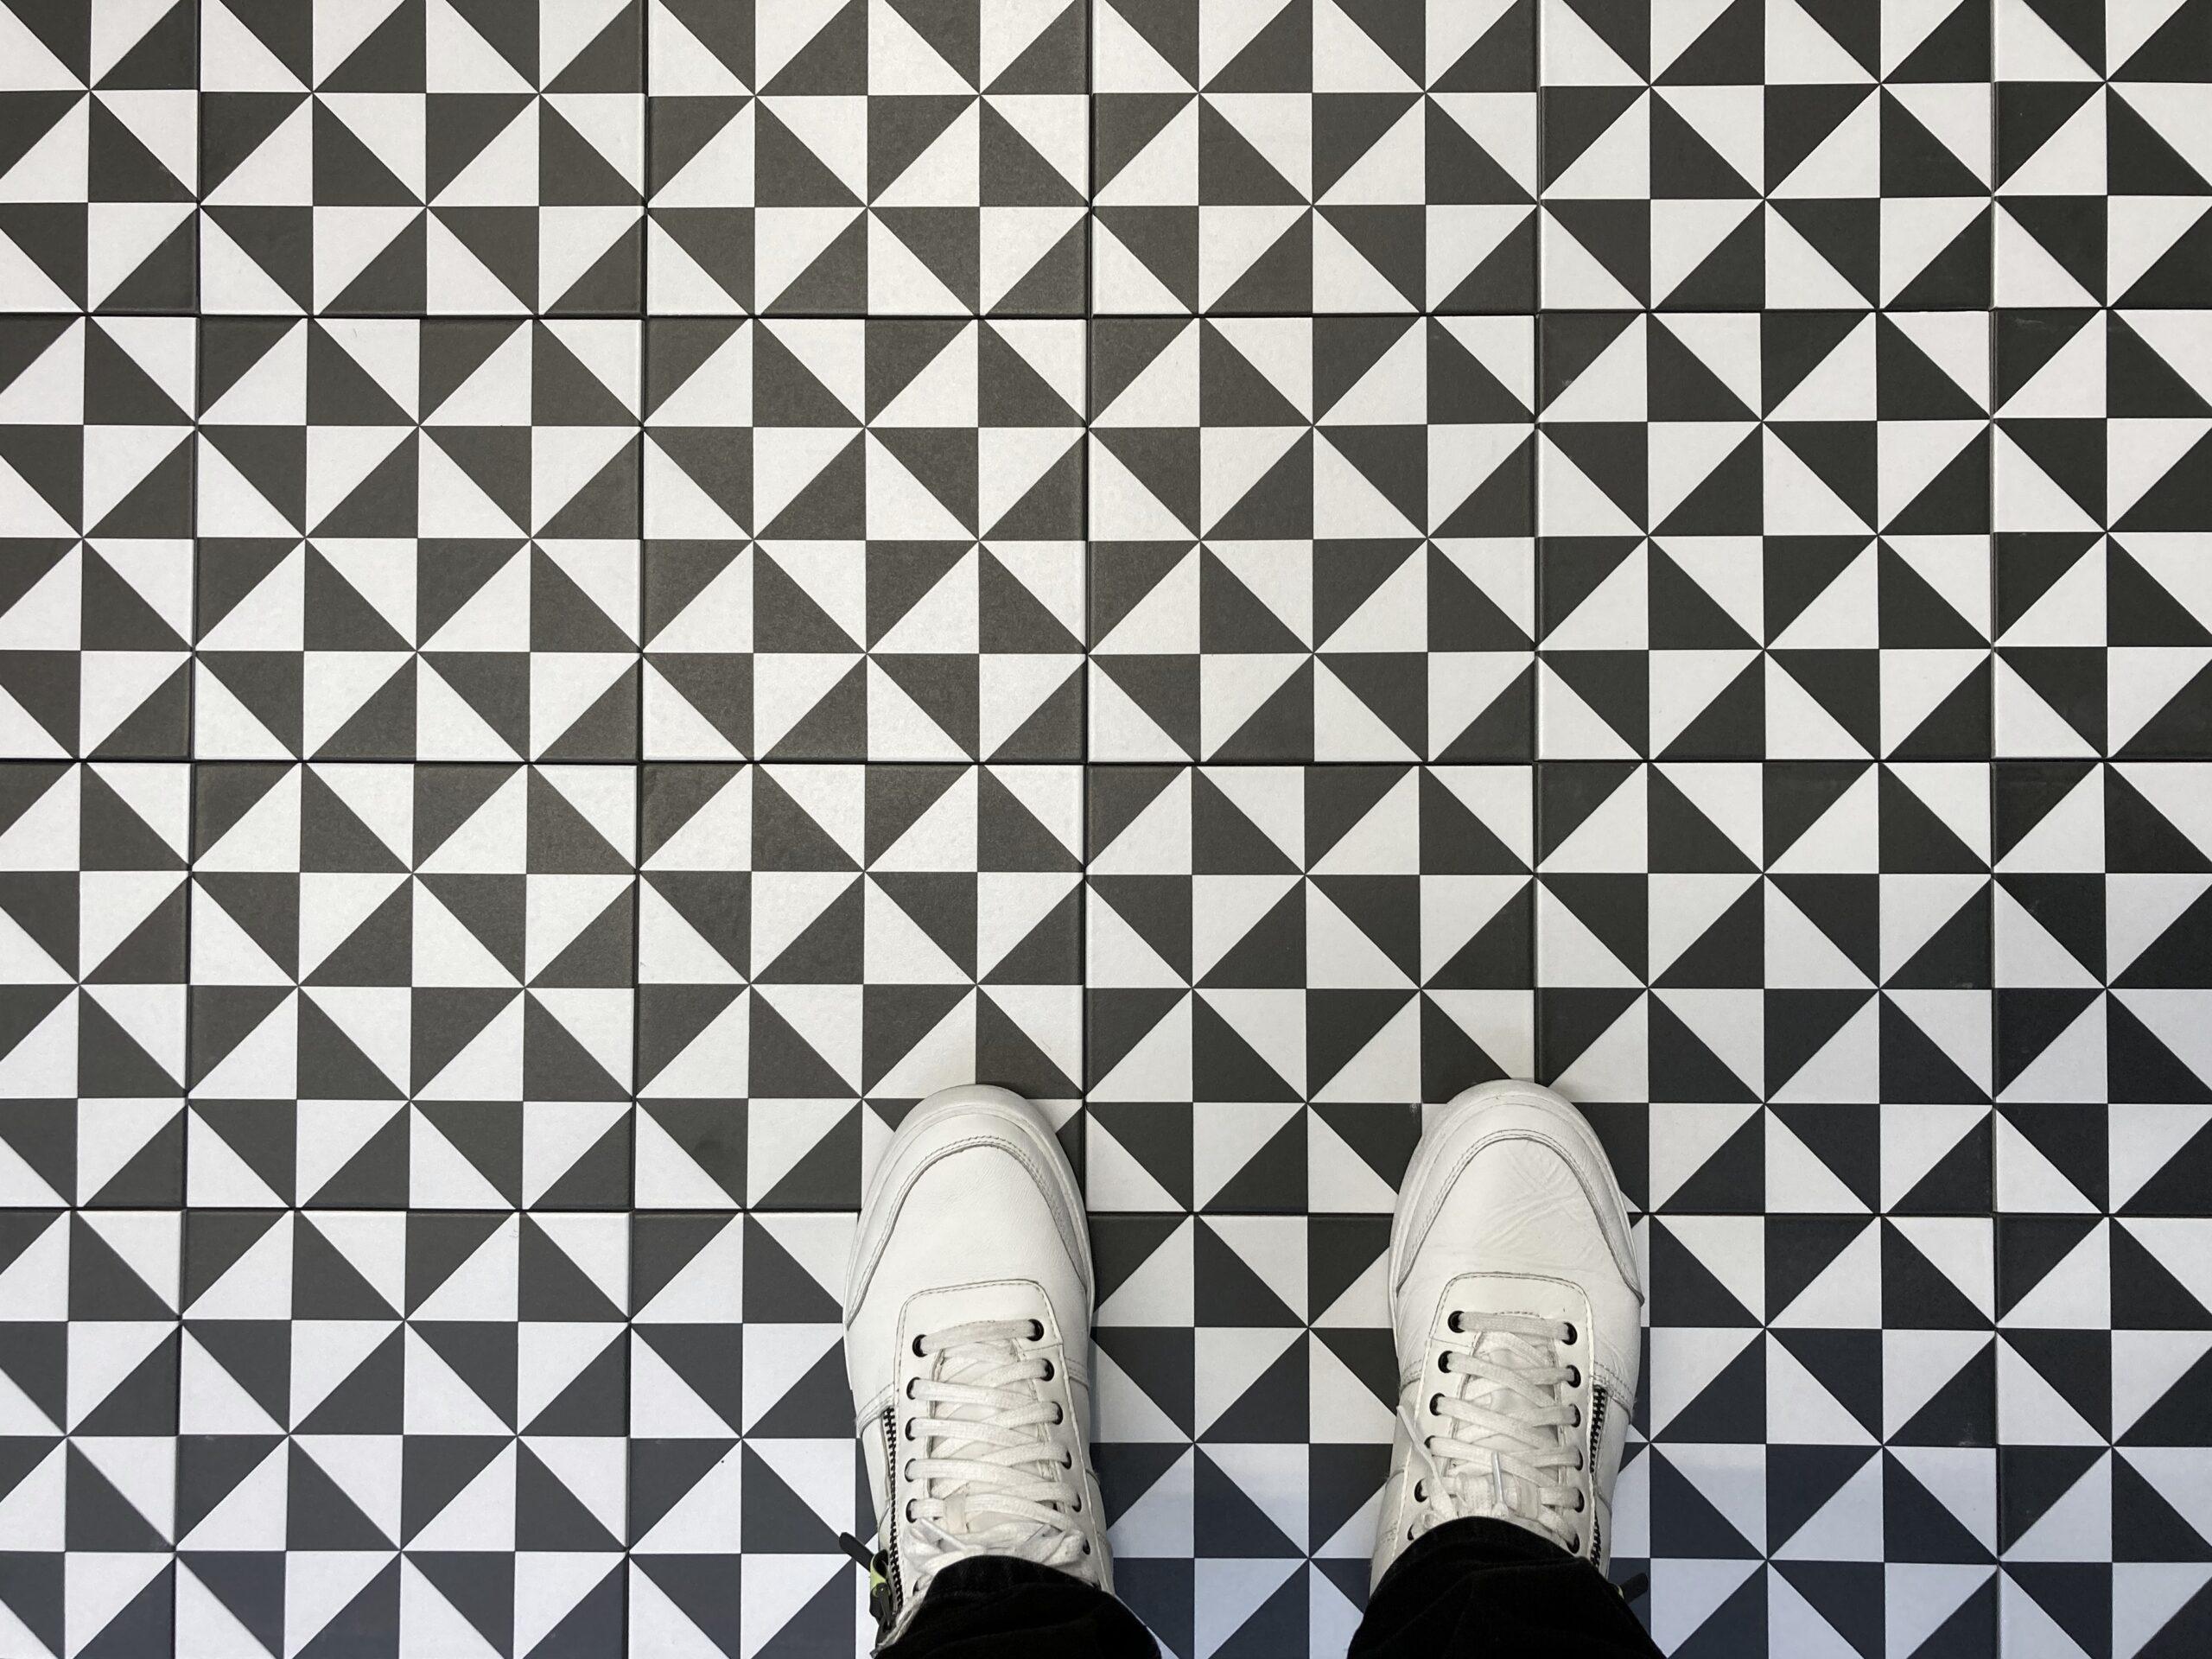 płytki czarno białe trójkąty zdjęcie